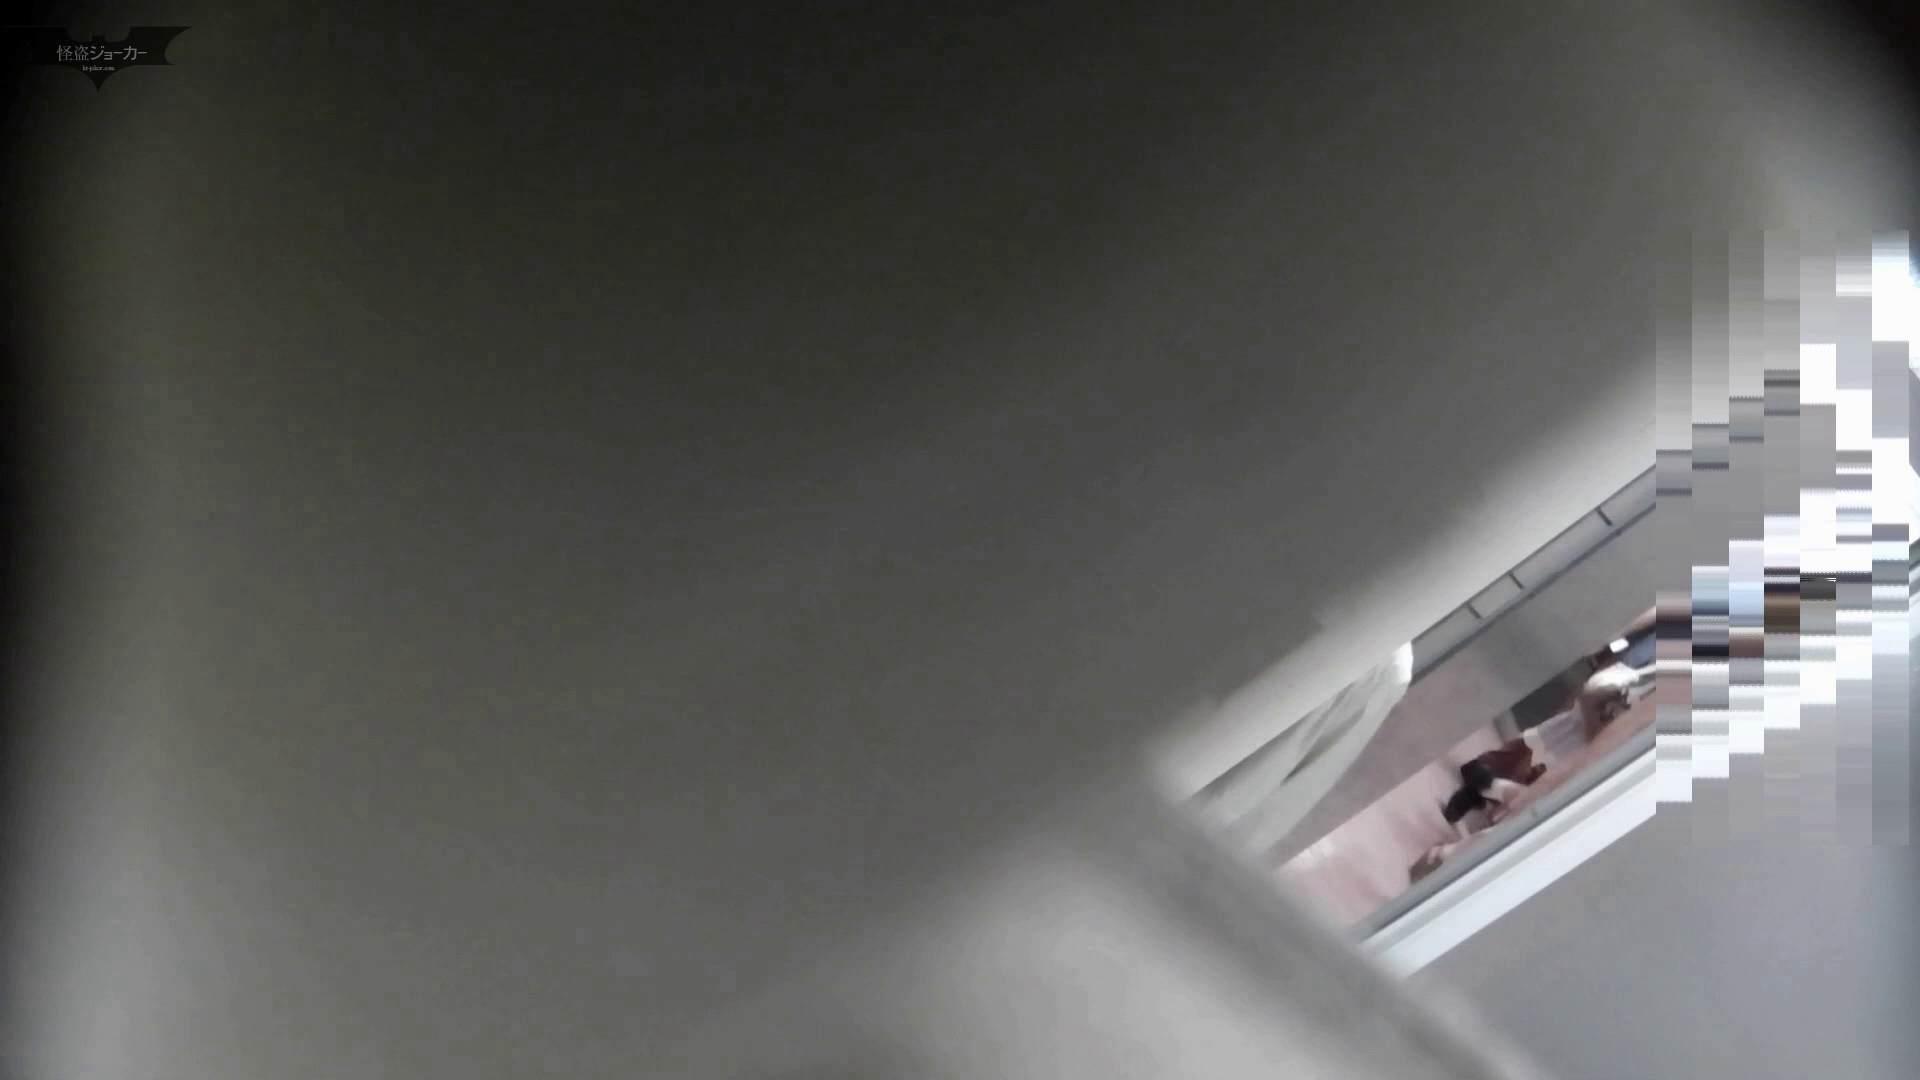 洗面所特攻隊 vol.58驚異のしまり、【2015・25位】 盛合せ AV動画キャプチャ 69画像 39